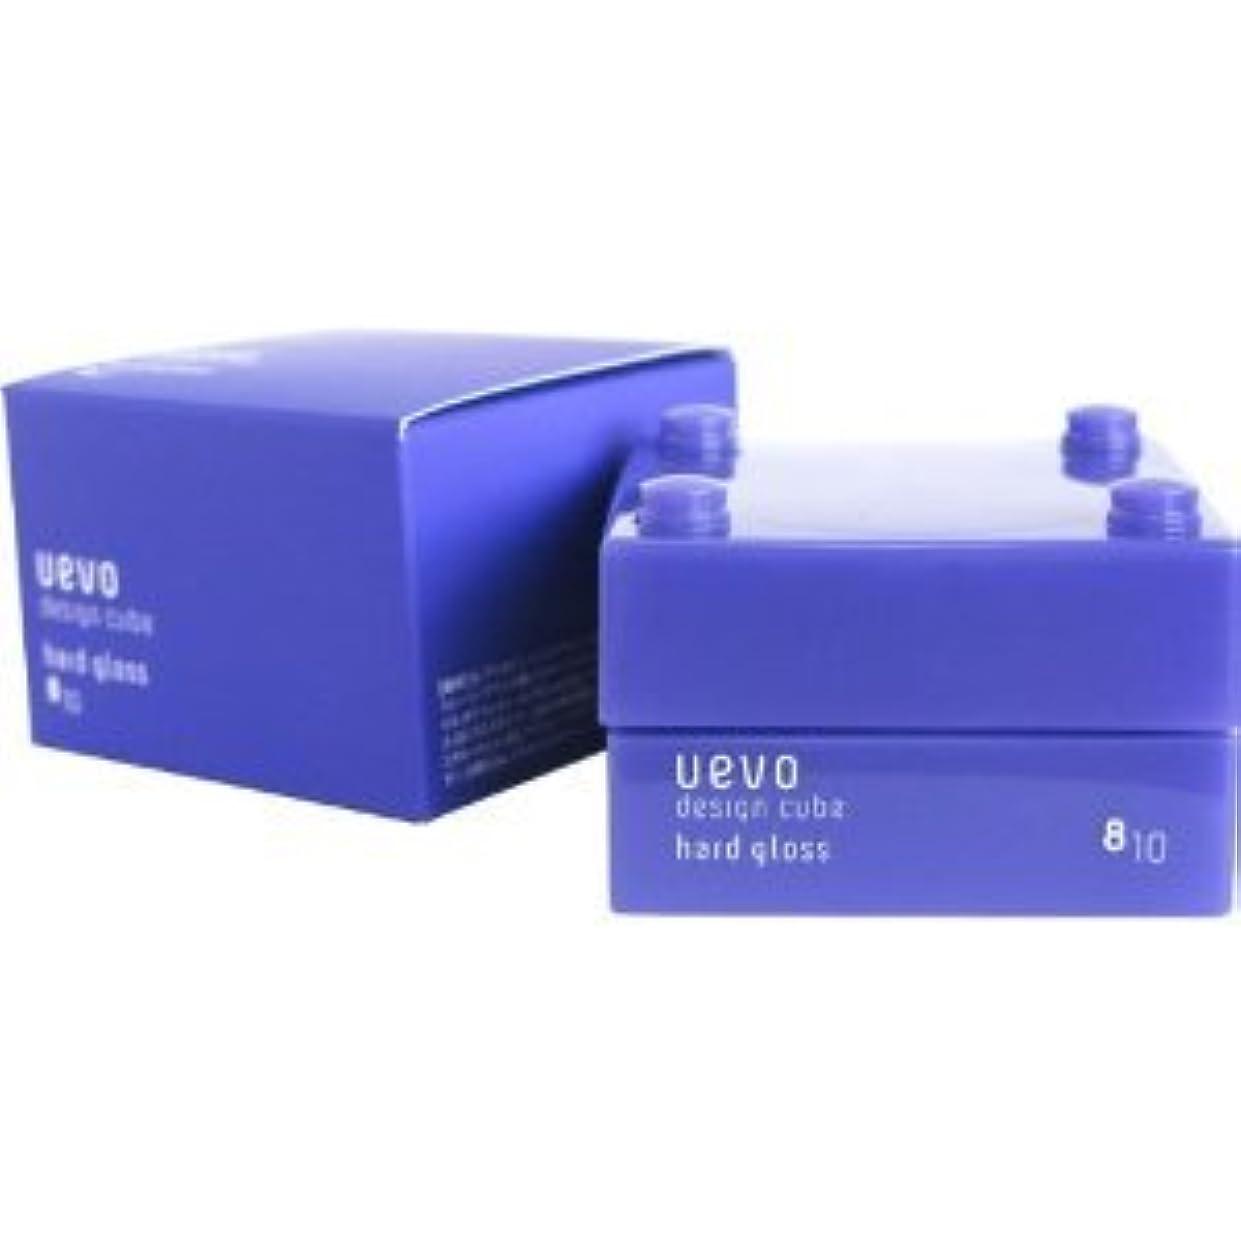 【X3個セット】 デミ ウェーボ デザインキューブ ハードグロス 30g hard gloss DEMI uevo design cube